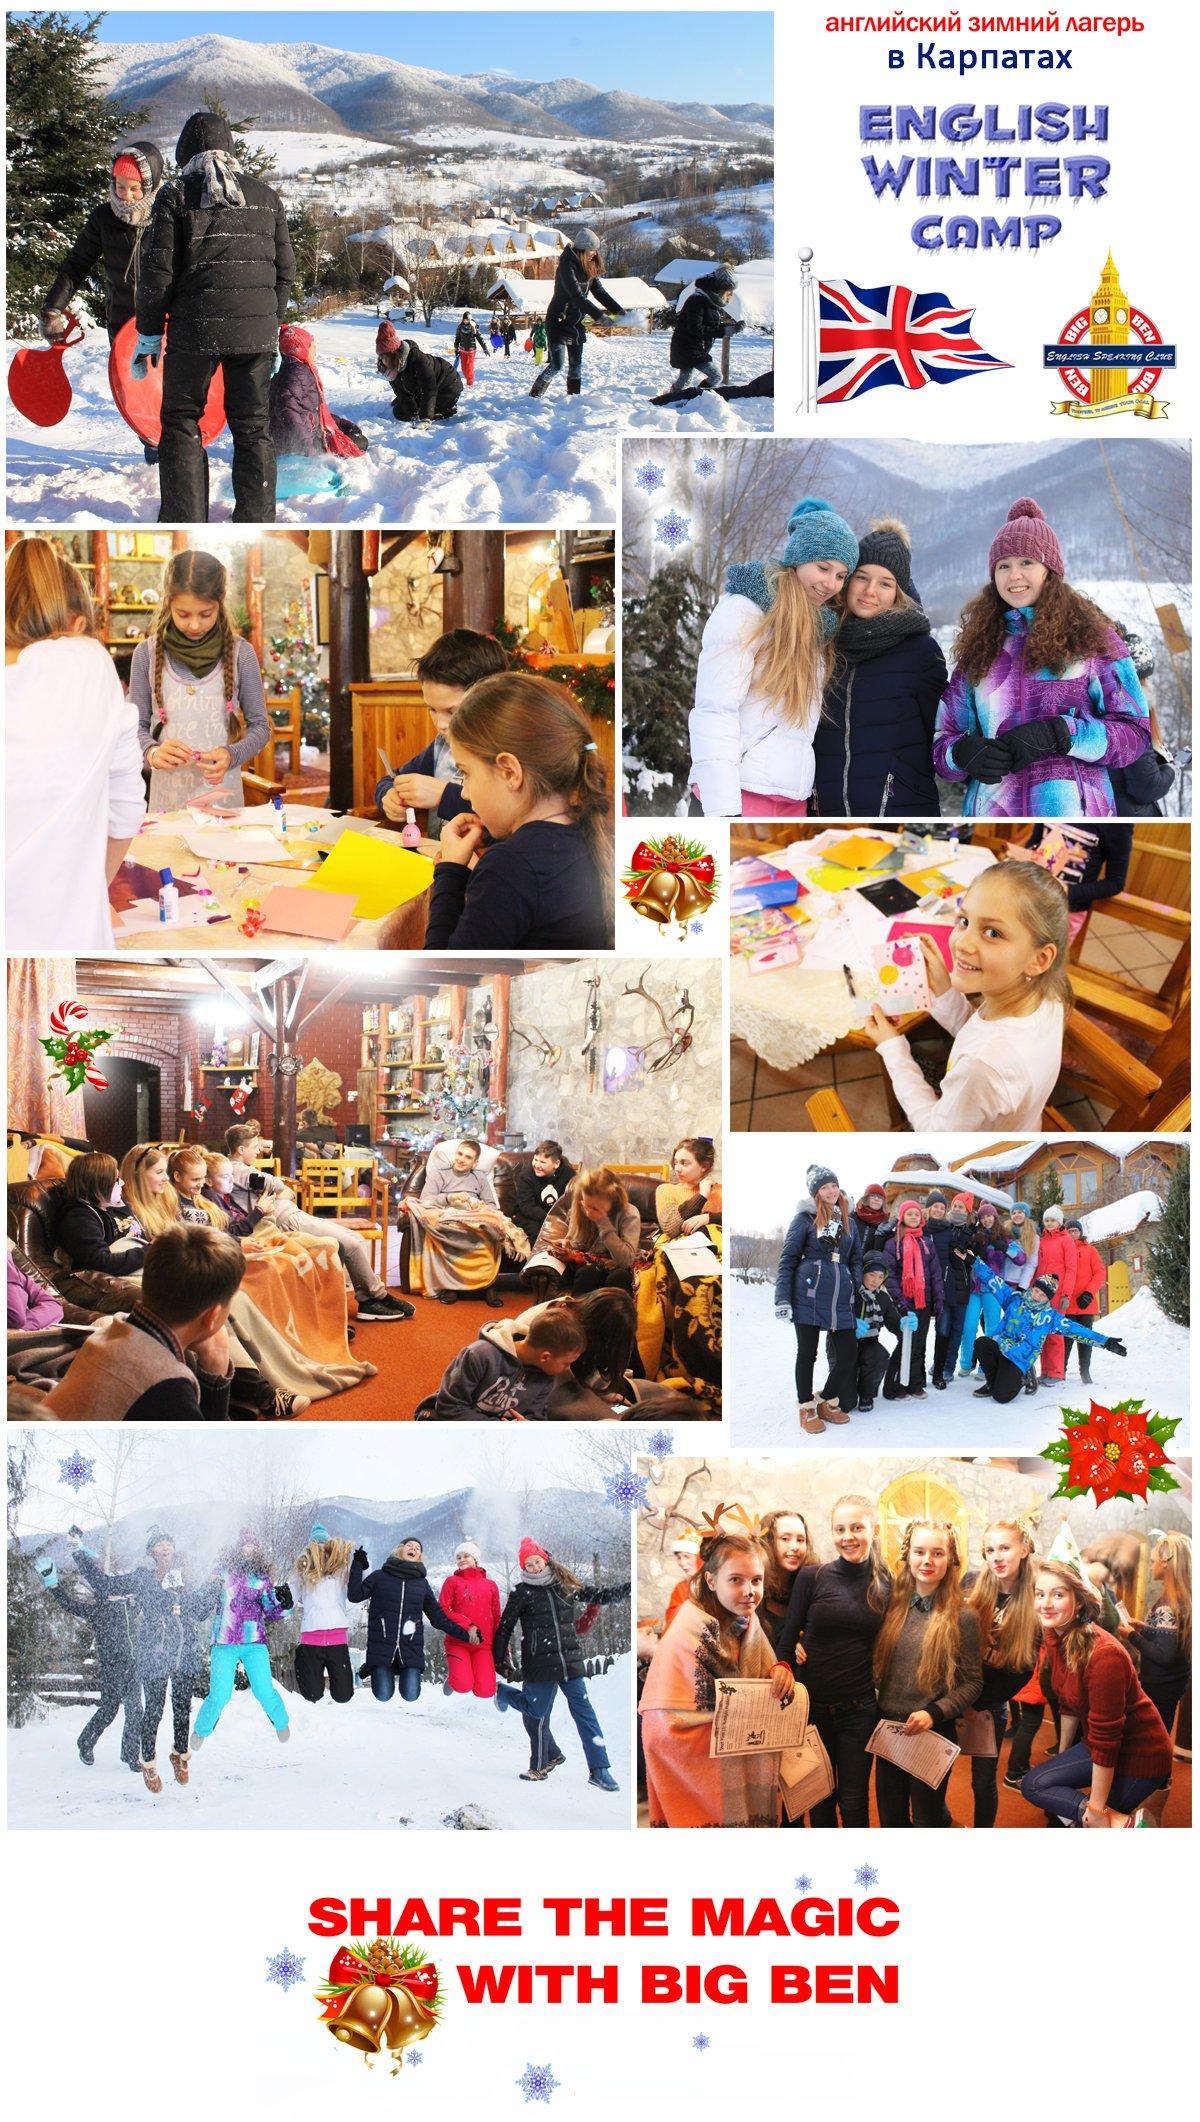 Как подарить ребёнку Рождество в снежных Карпатах с английским языком и магией Гарри Поттера? , фото-1